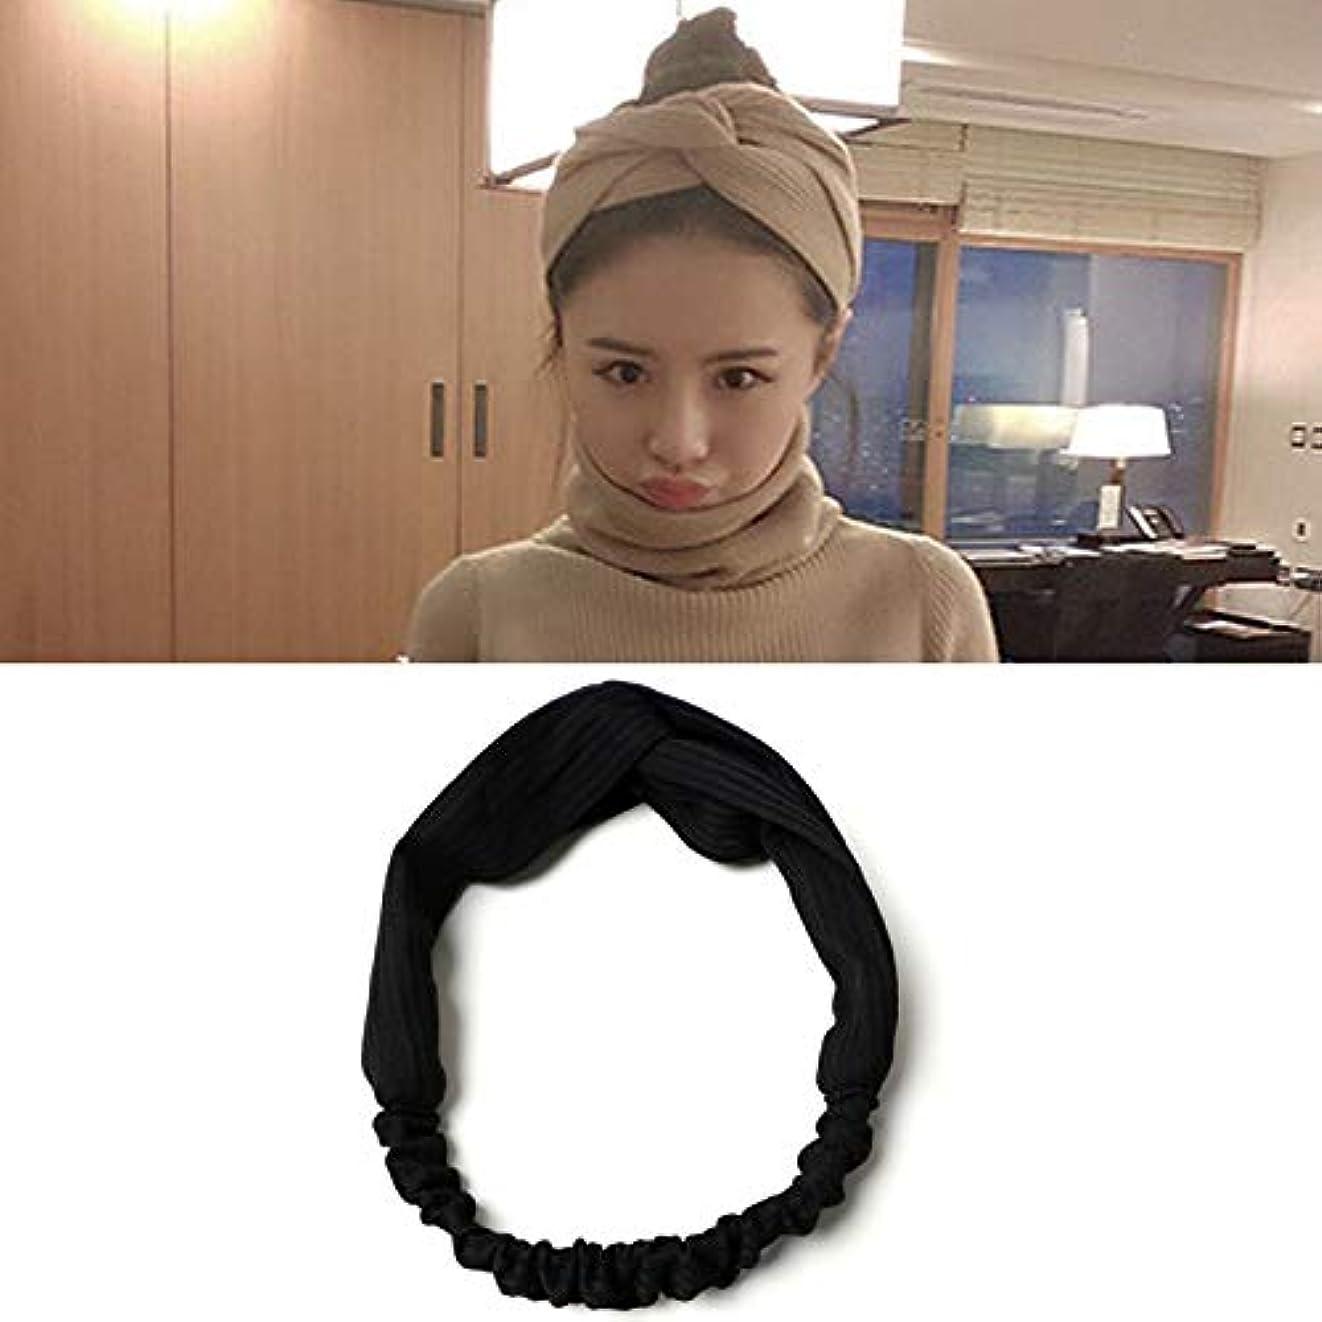 廃棄する義務付けられたひもHairpinheair YHM 5ピース髪飾り布結び目ヘアバンドクロスヘッドバンドランダム配信 (色 : Black)